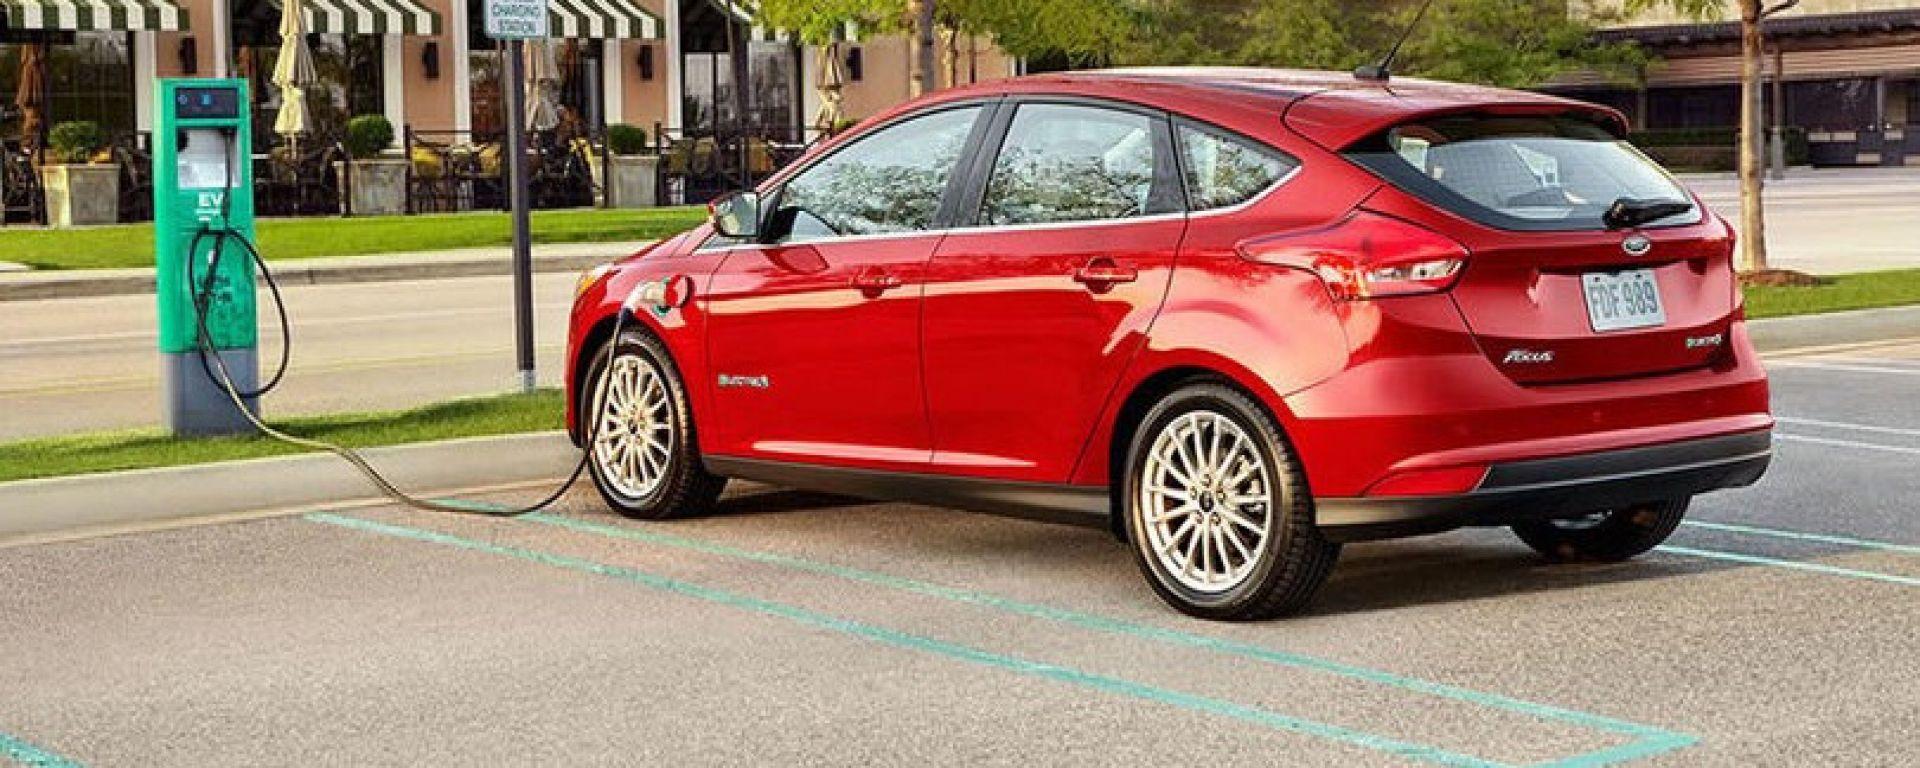 Ford sta lavorando alle sue colonnine di ricarica Fastor Charge